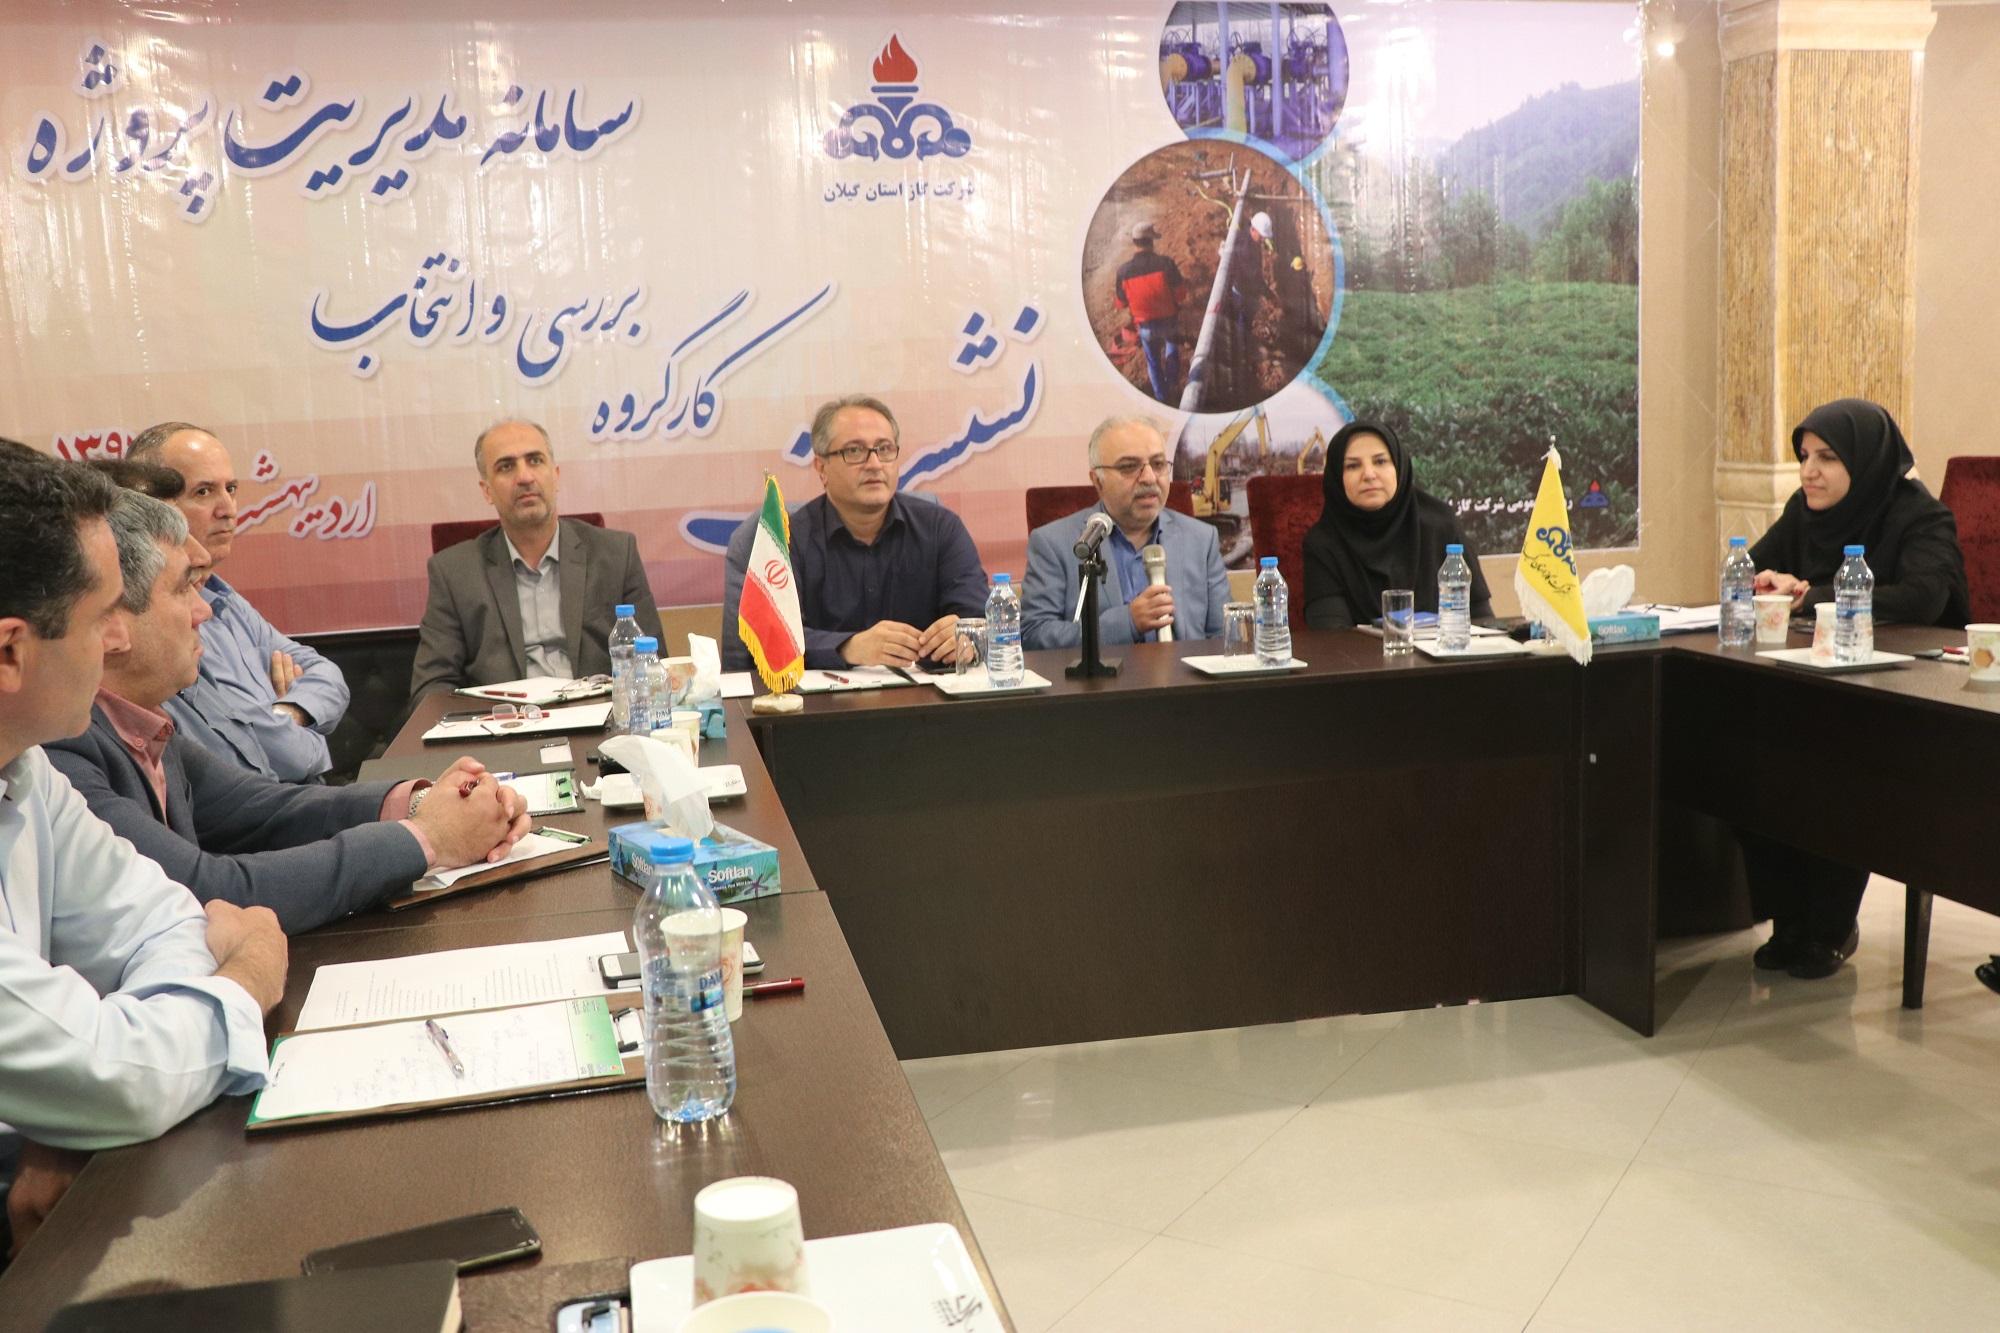 نشست کارگروه بررسی و انتخاب سامانه مدیریت پروژه به میزبانی شرکت گاز استان گیلان برگزار شد